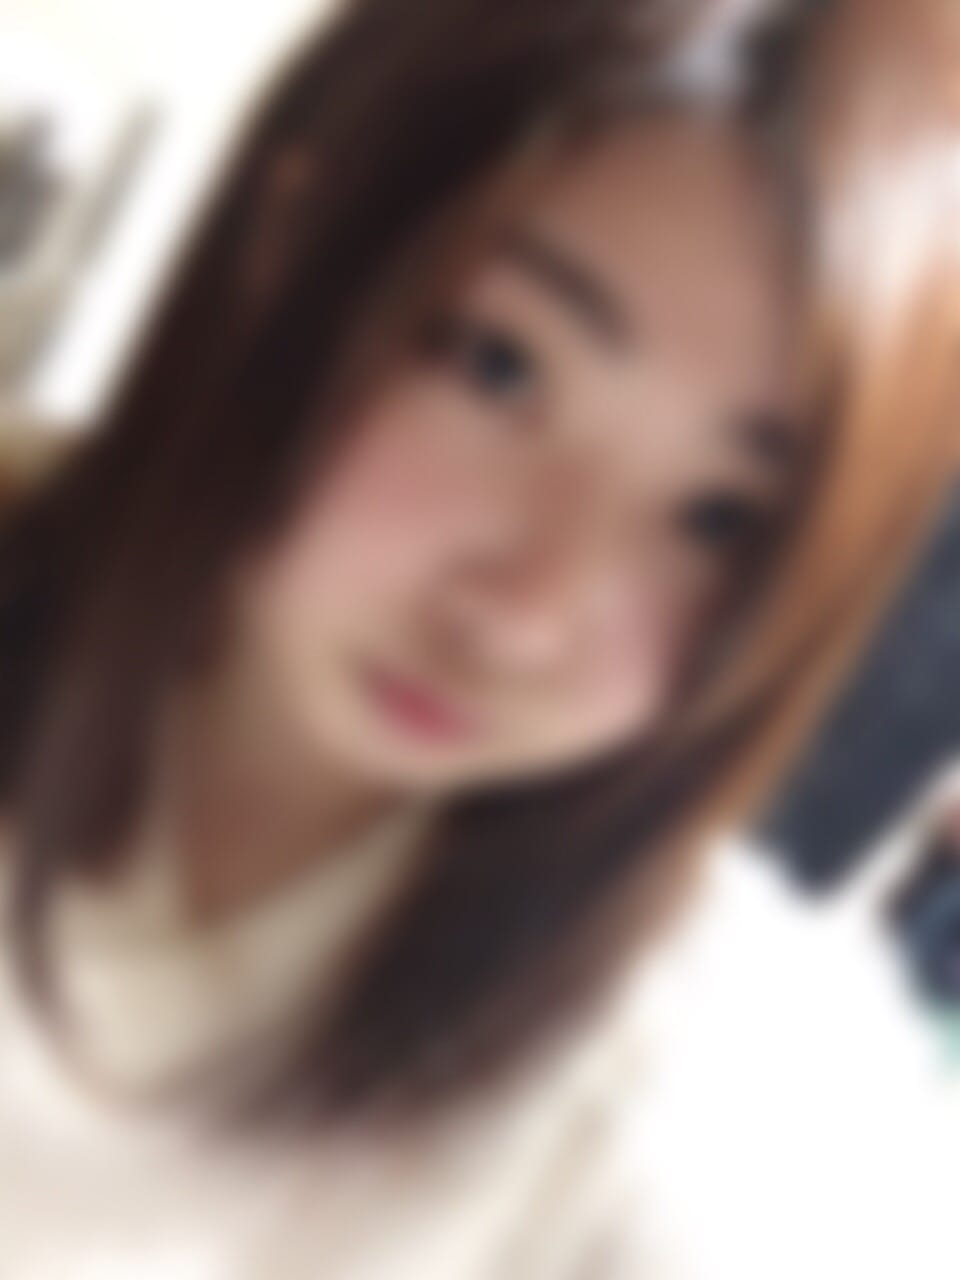 まり「ありがとー(*ˊᵕˋ*)੭ ੈ」02/18(日) 23:25   まりの写メ・風俗動画